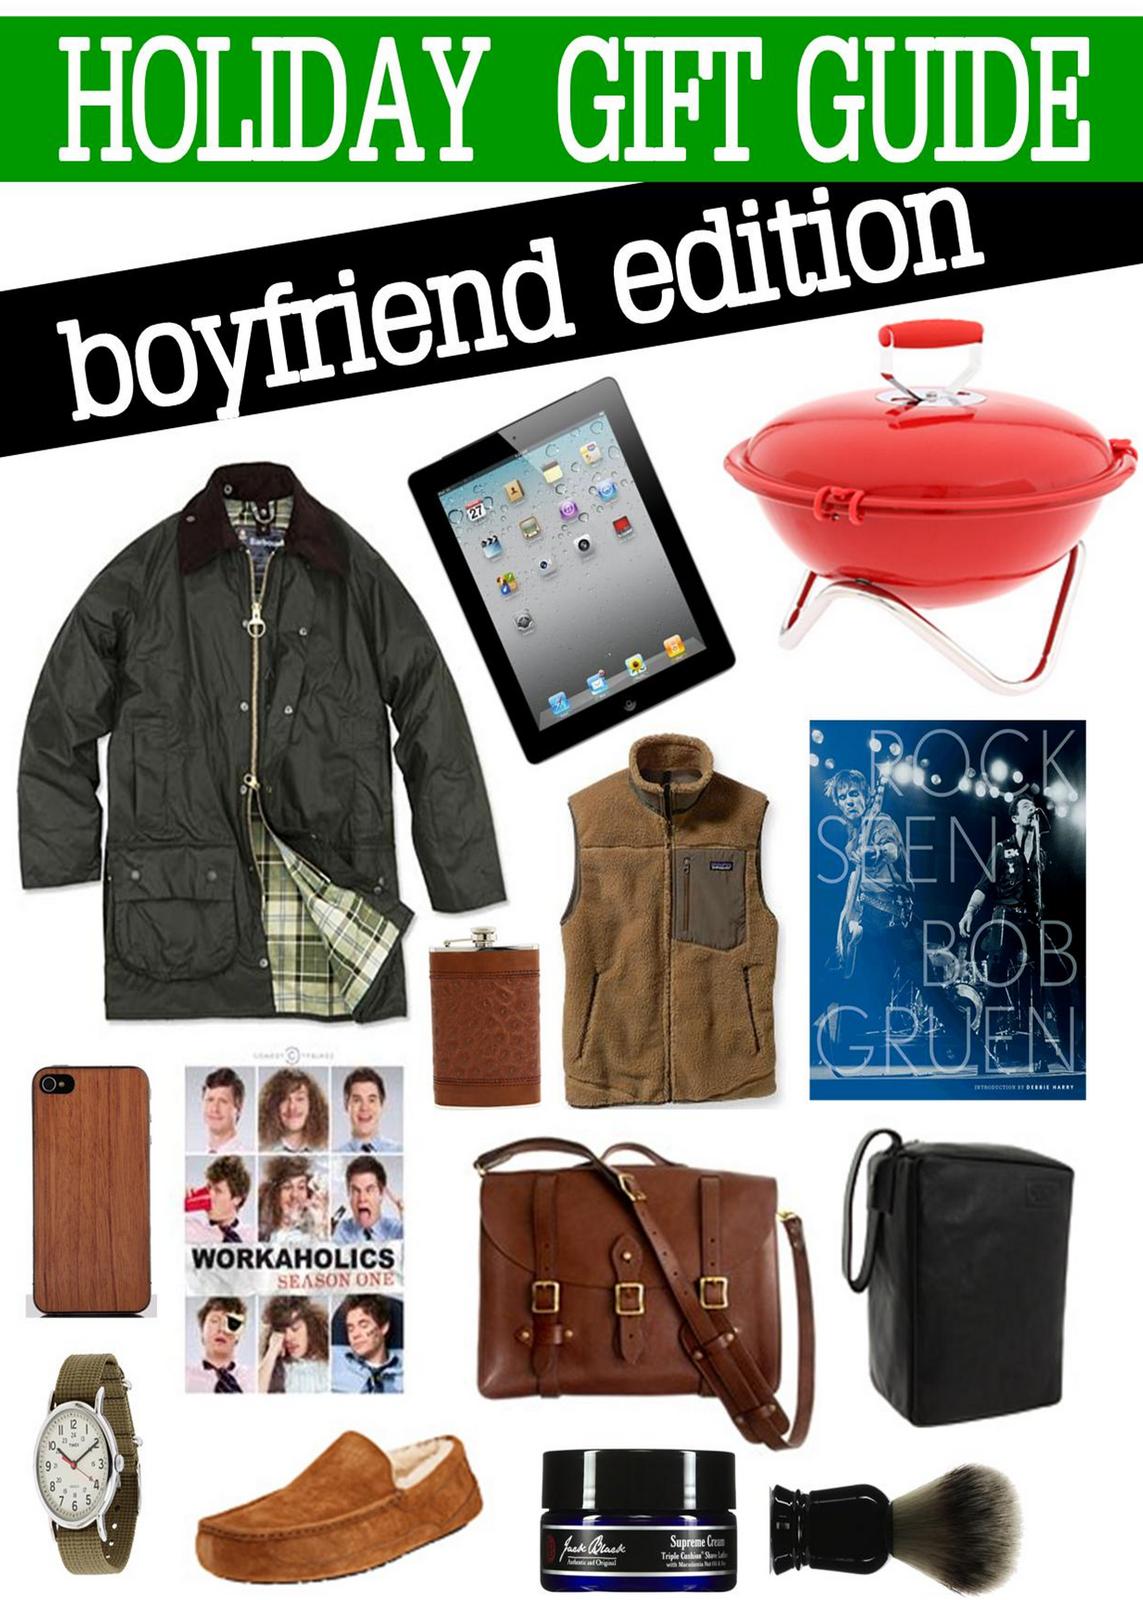 Gift for workaholic boyfriend